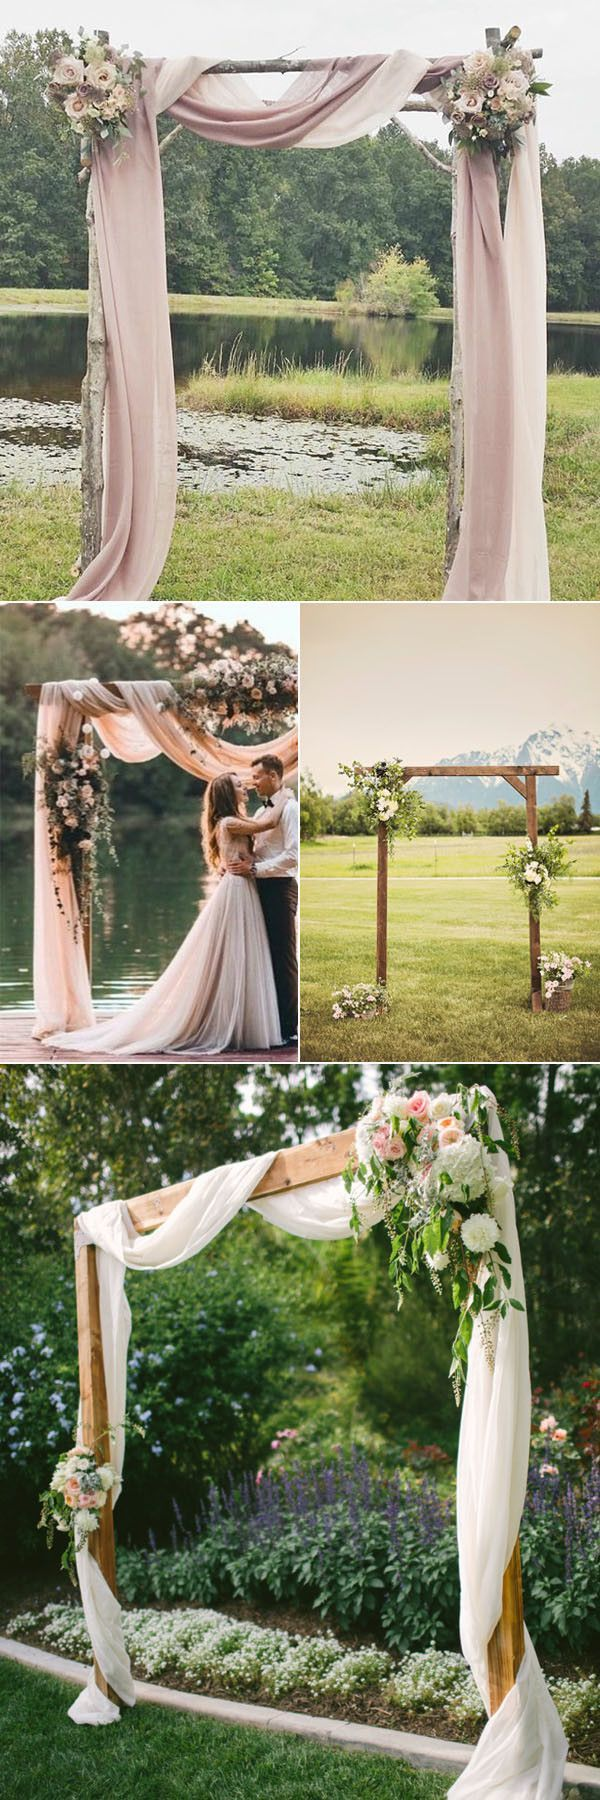 Planen Sie eine ländliche / rustikale Hochzeit? Wir sind hier, um Sie mit ne